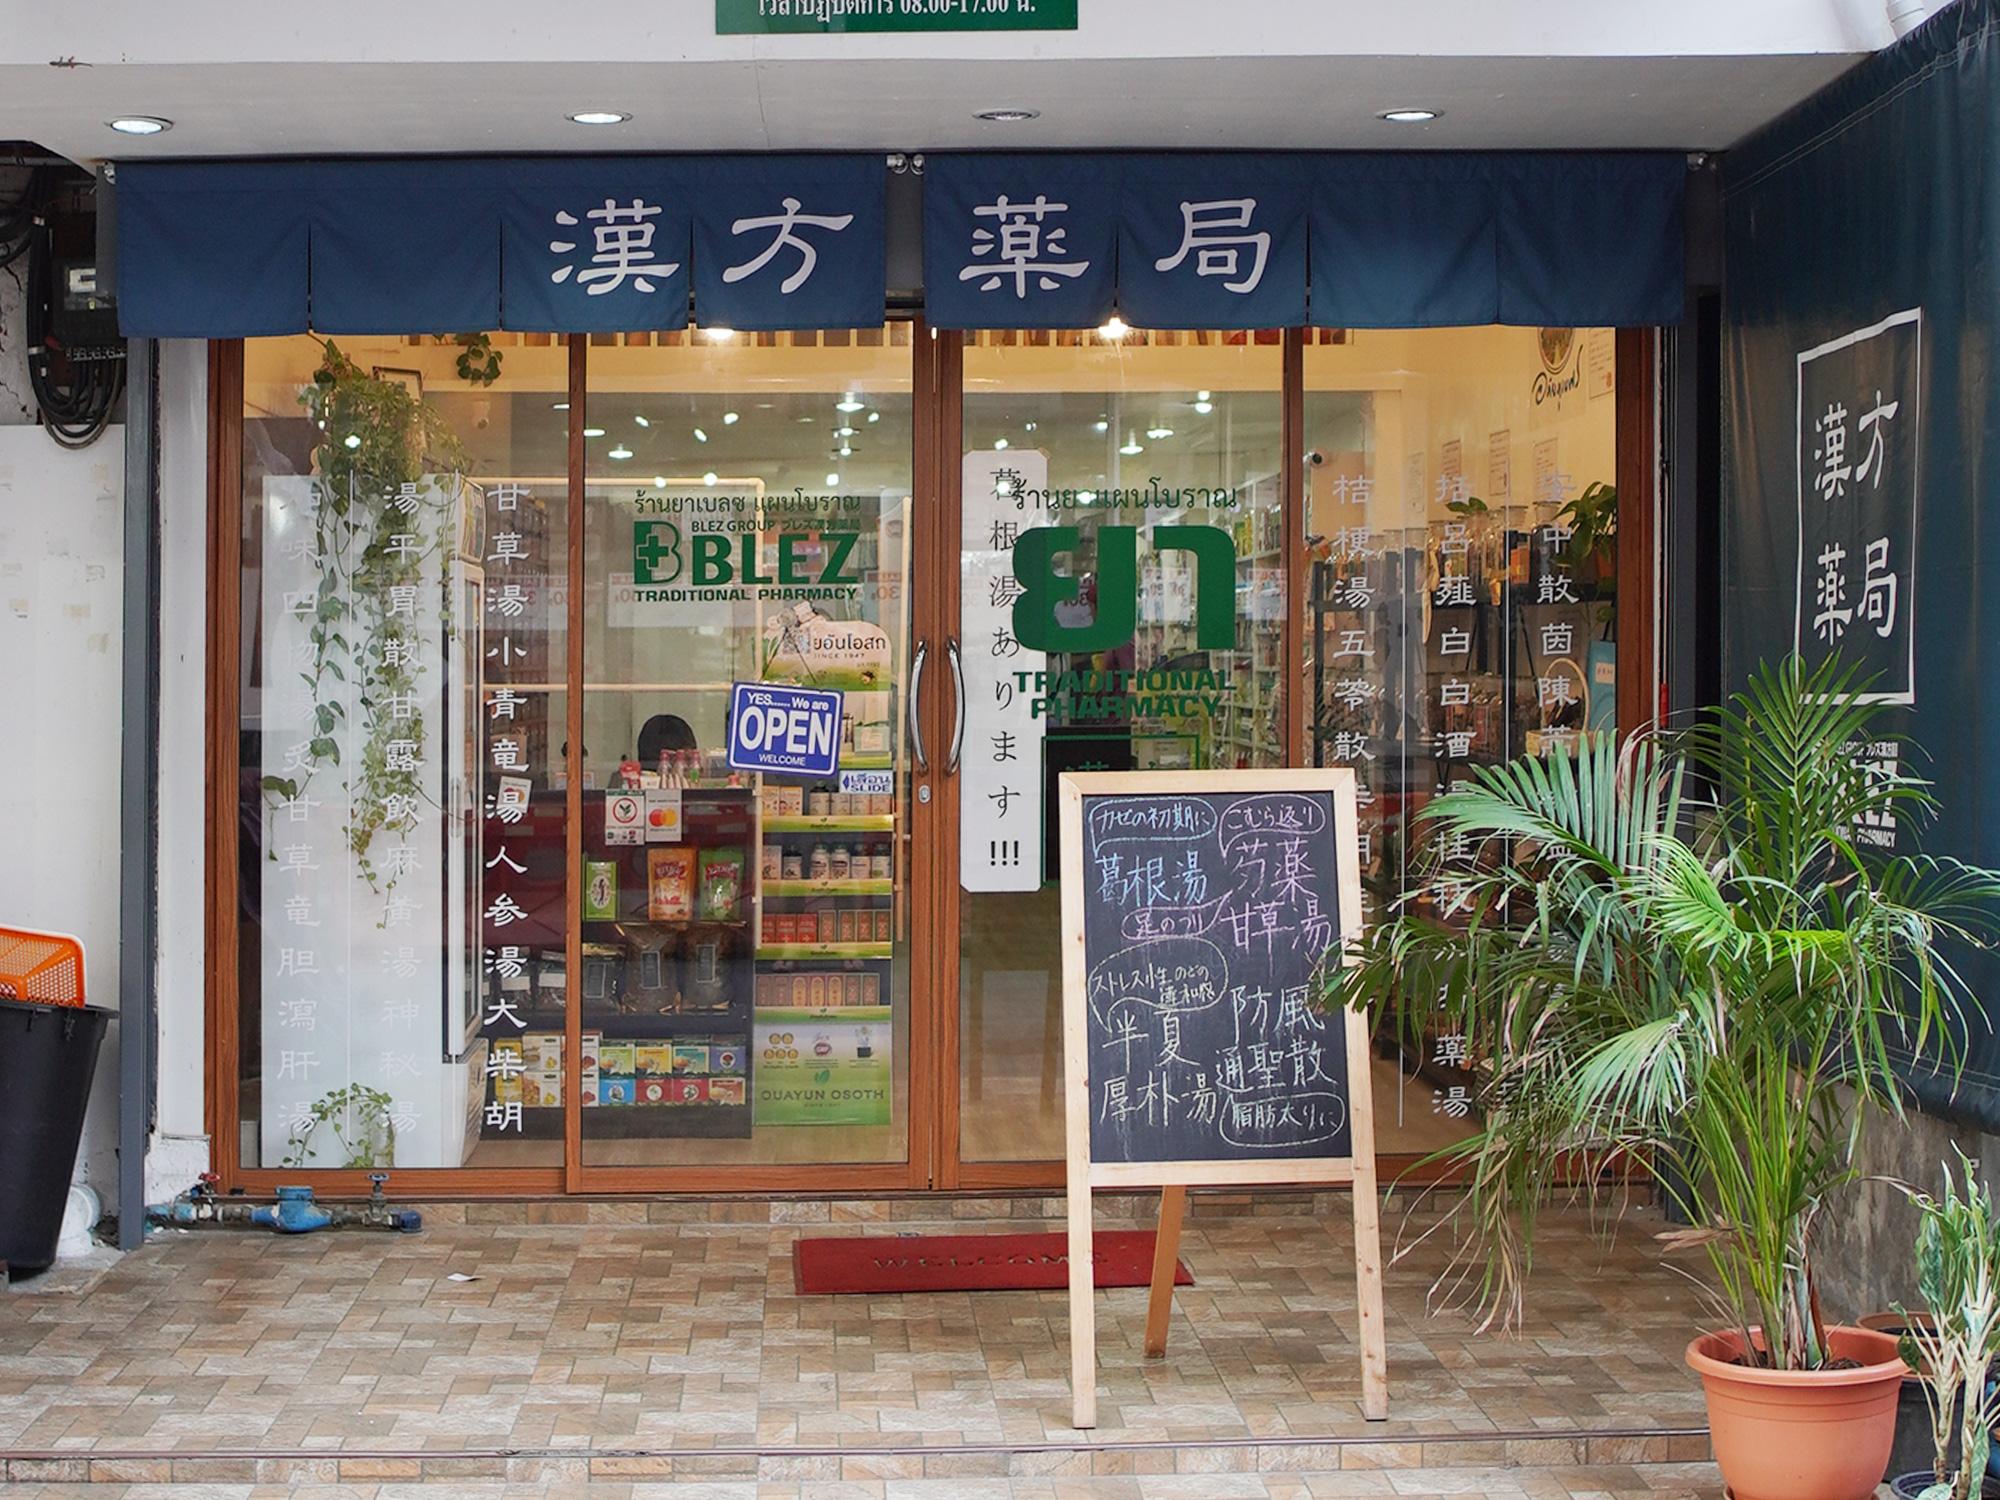 ブレズ漢方薬局ソイ33/1店